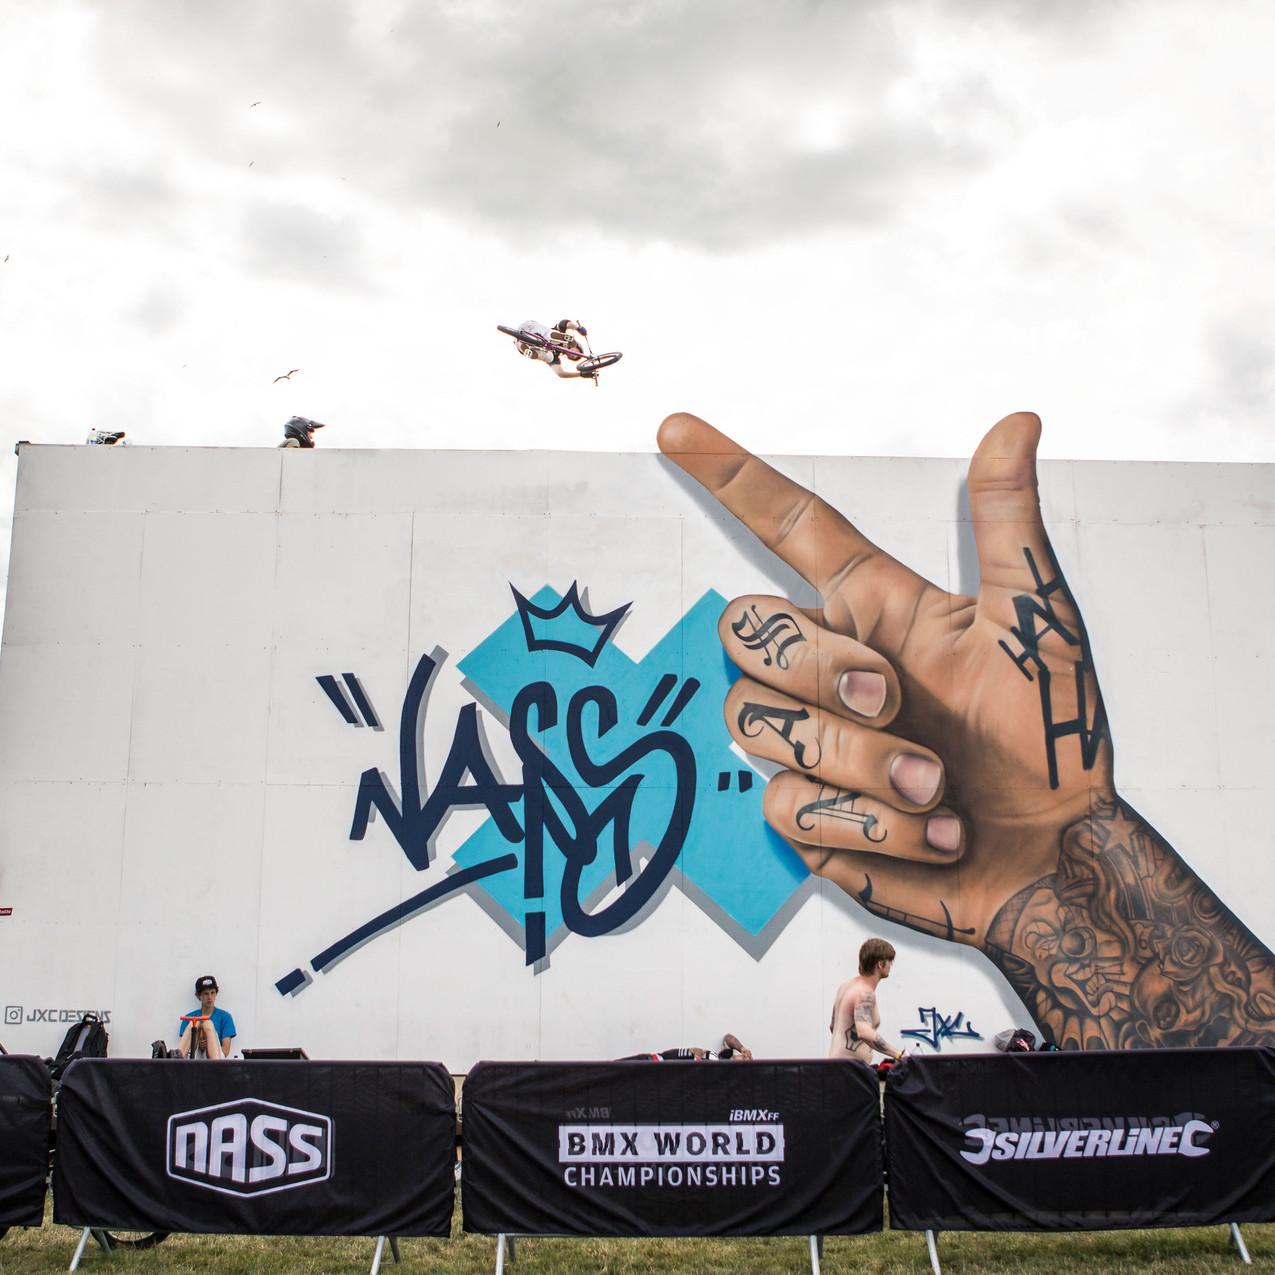 NASS-Festival